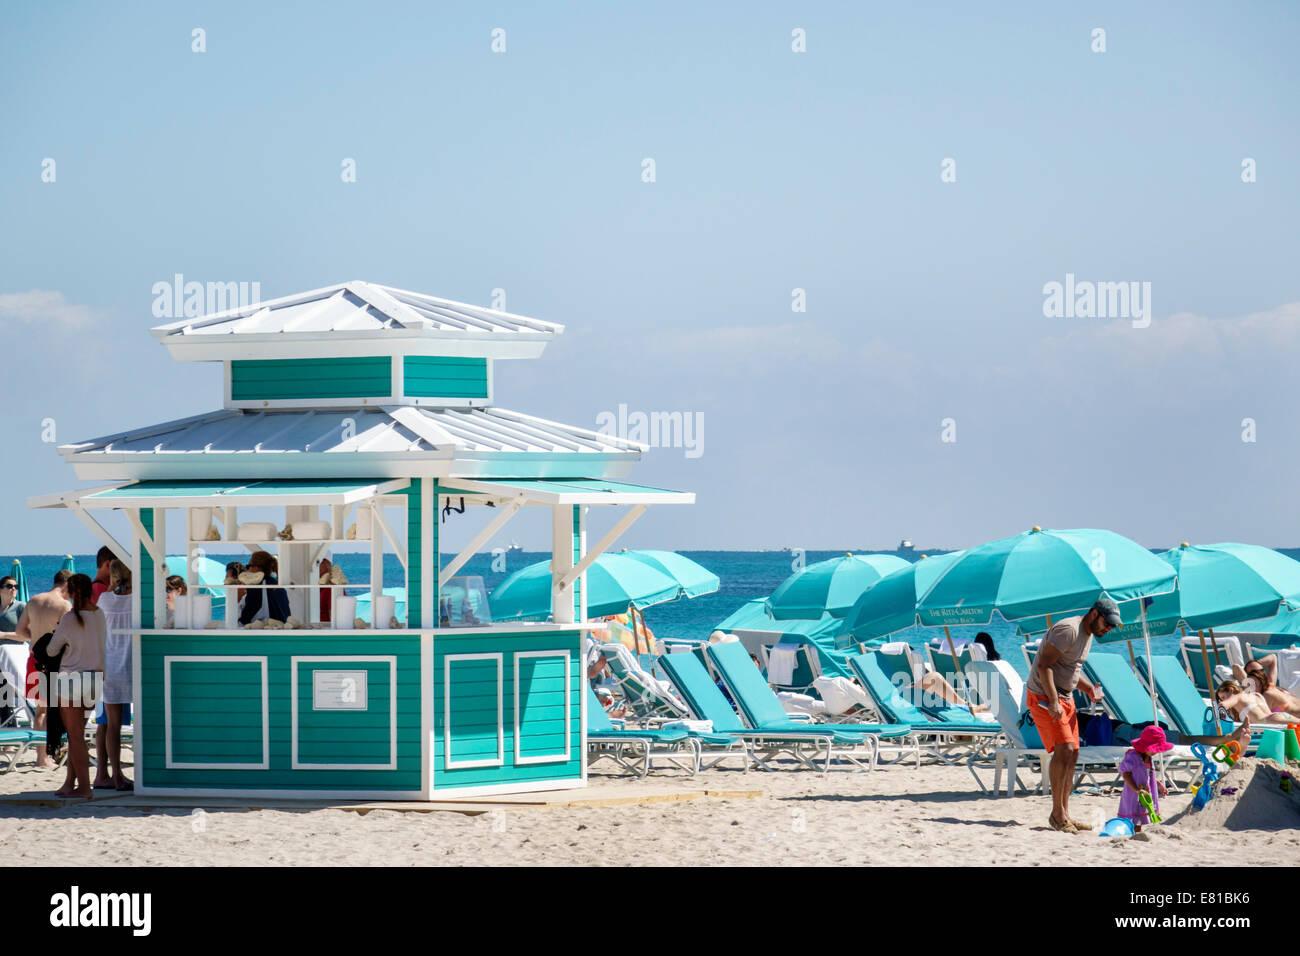 Miami Beach Florida kiosk rental umbrellas lounge chairs Atlantic Ocean Stock Photo